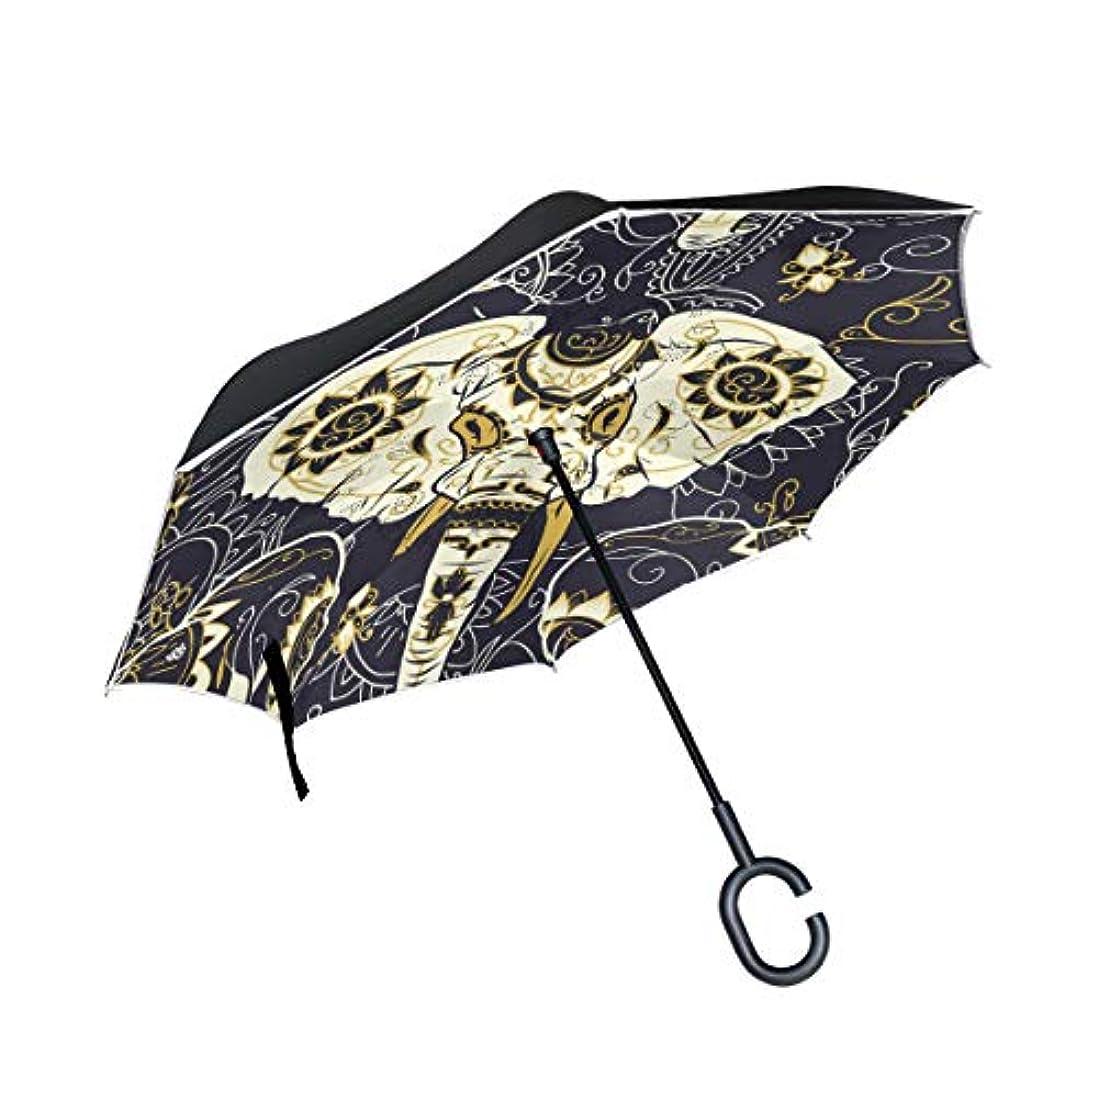 方向キャベツカーテンSoreSore(ソレソレ)逆さ傘 逆折り式傘 長傘 日傘 手離れ C型手元 UVカット 晴雨兼用 車用 メンズ レディース 男女兼用 象 エレフェン 民族風 髑髏 梅雨対策 遮光遮熱 おしゃれ かわいい